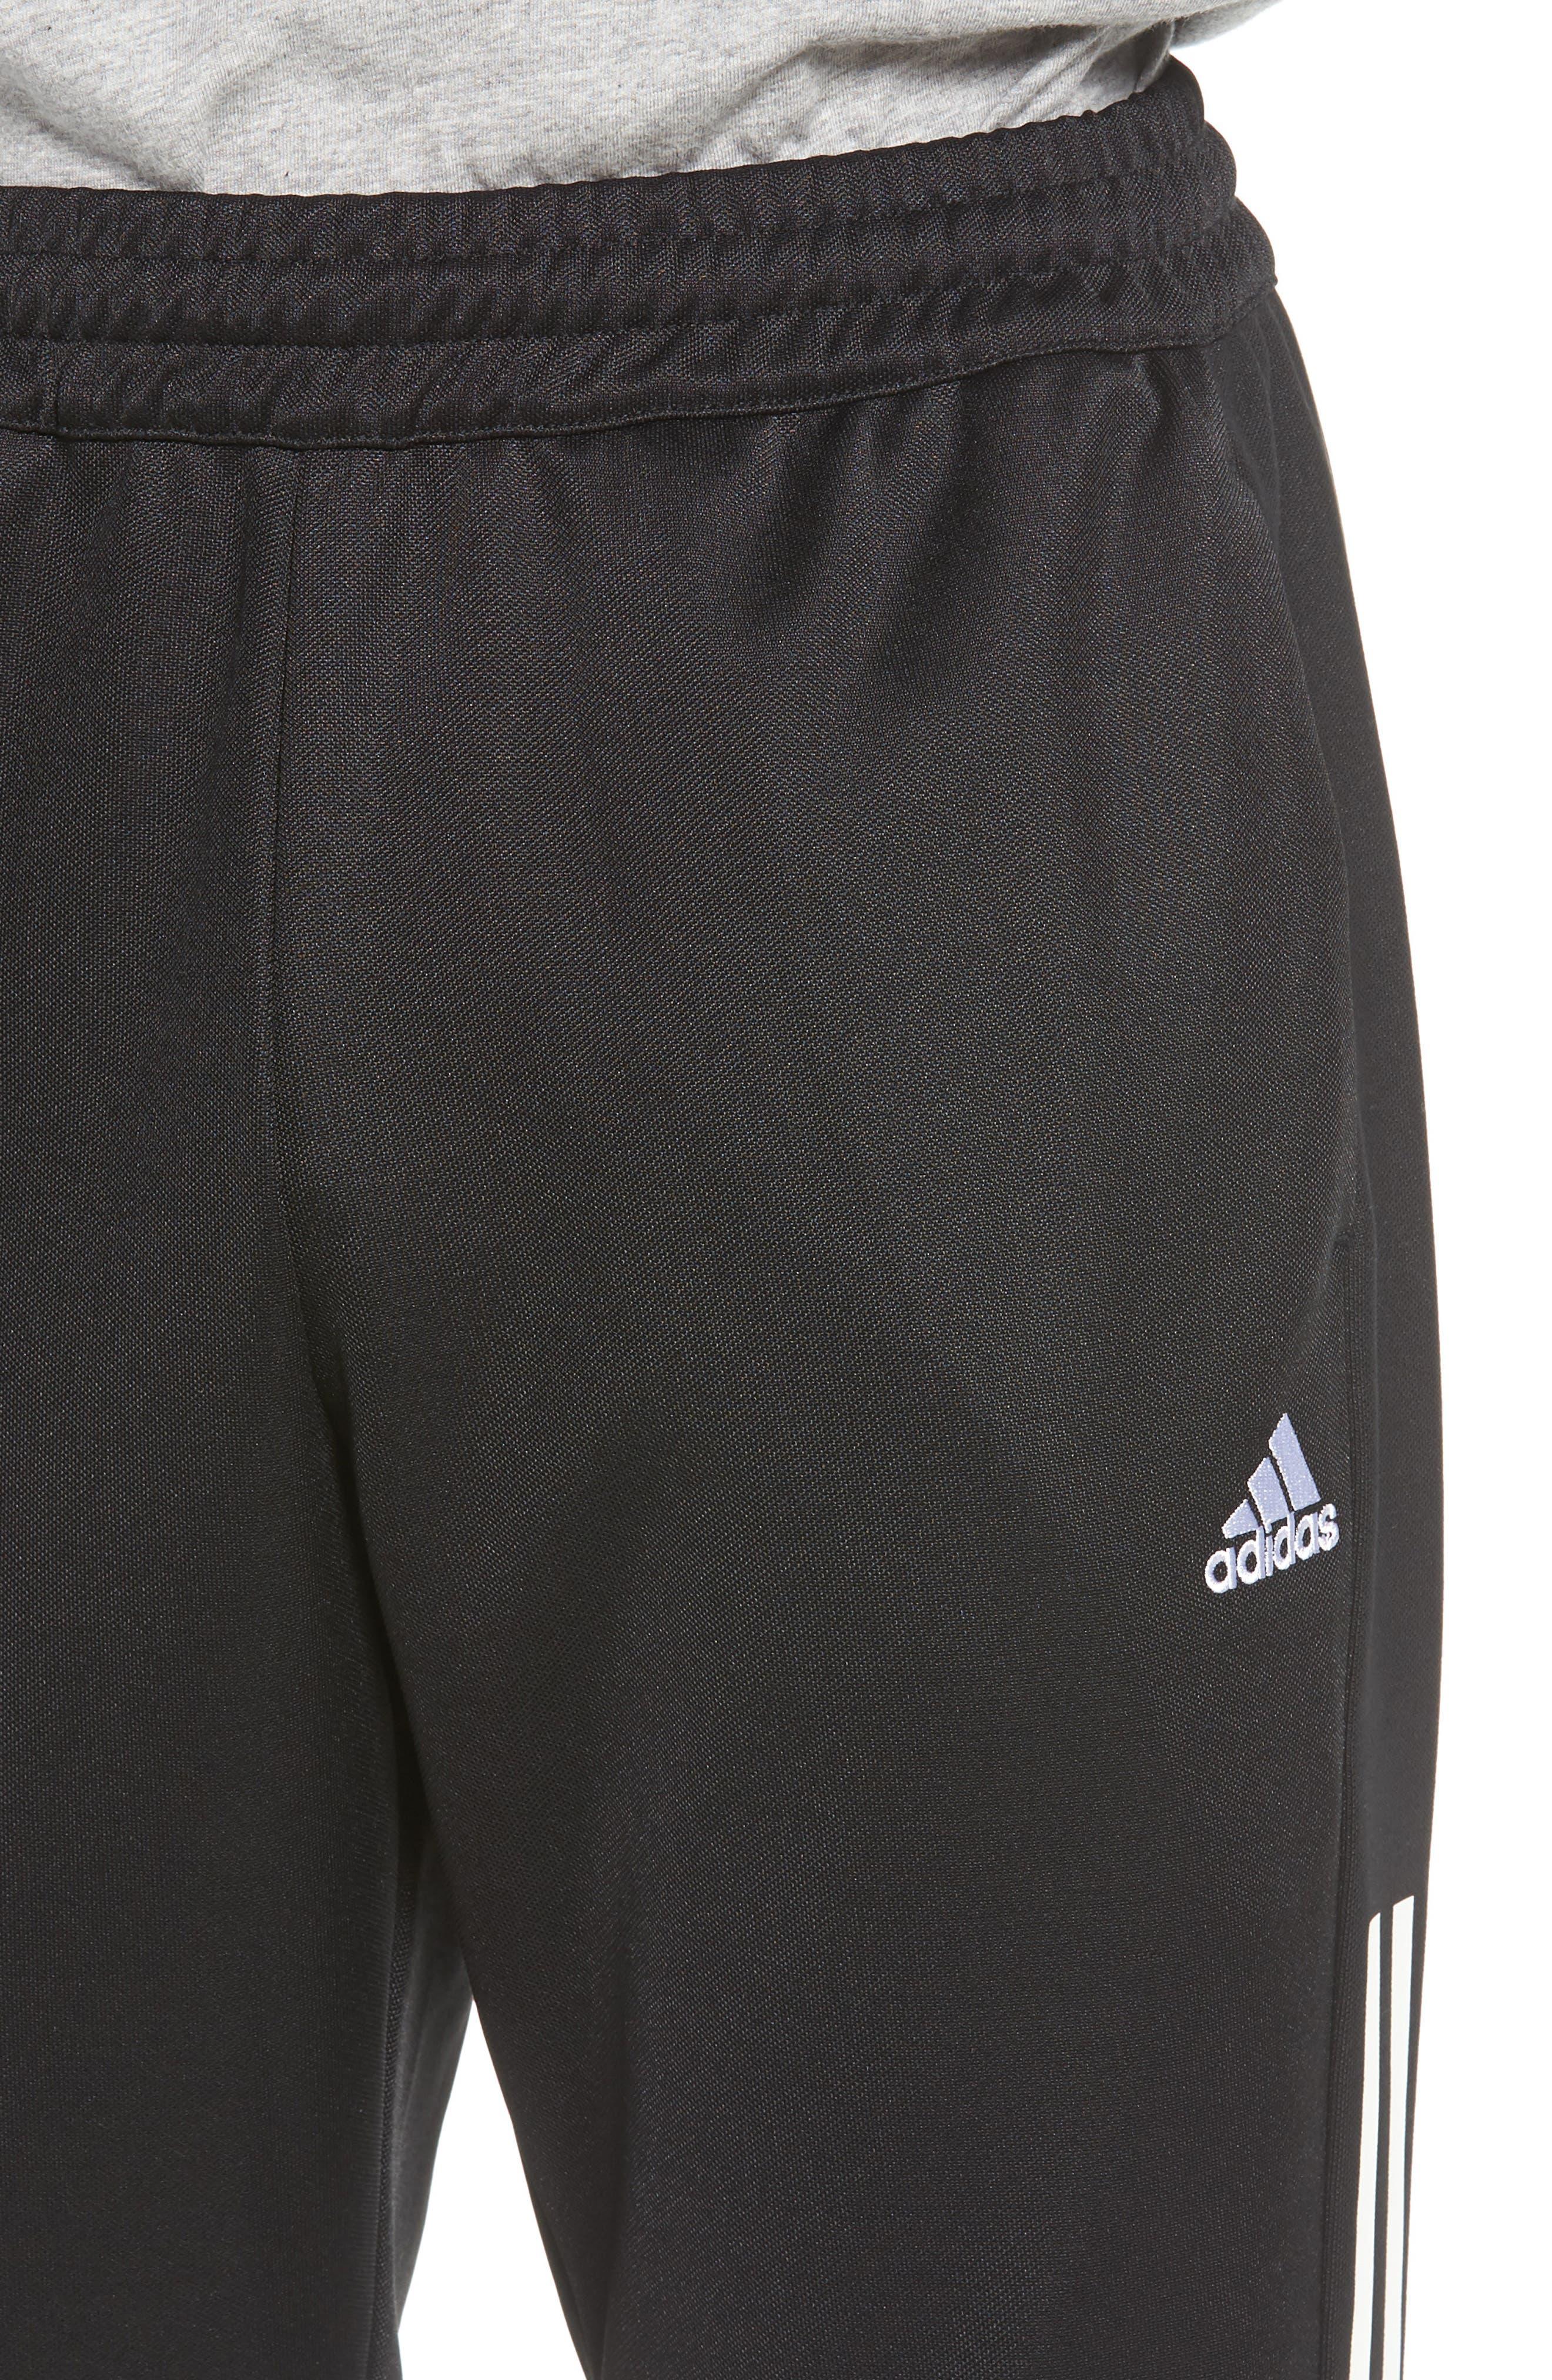 Casual Regular Fit Sweatpants,                             Alternate thumbnail 4, color,                             001